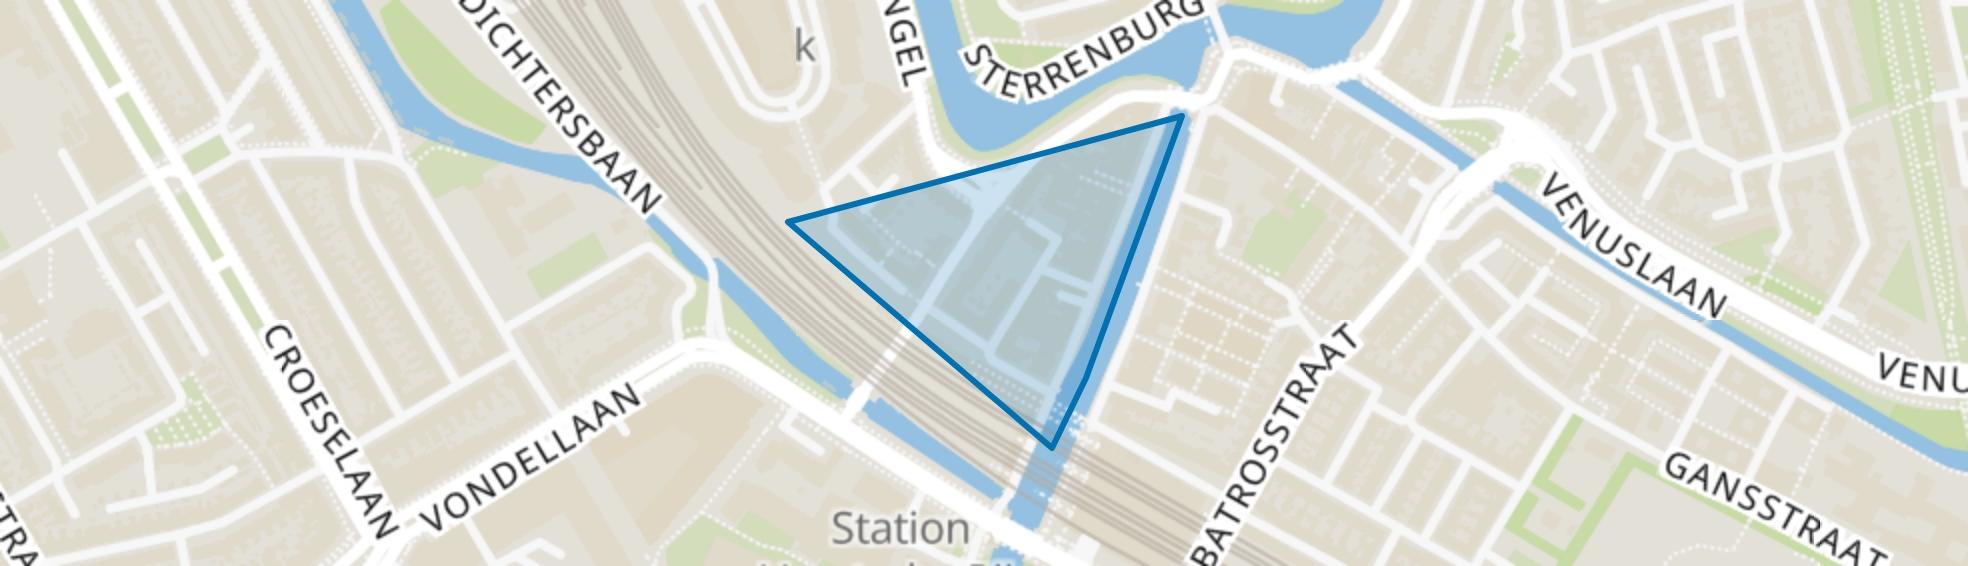 Bleekstraat en omgeving, Utrecht map